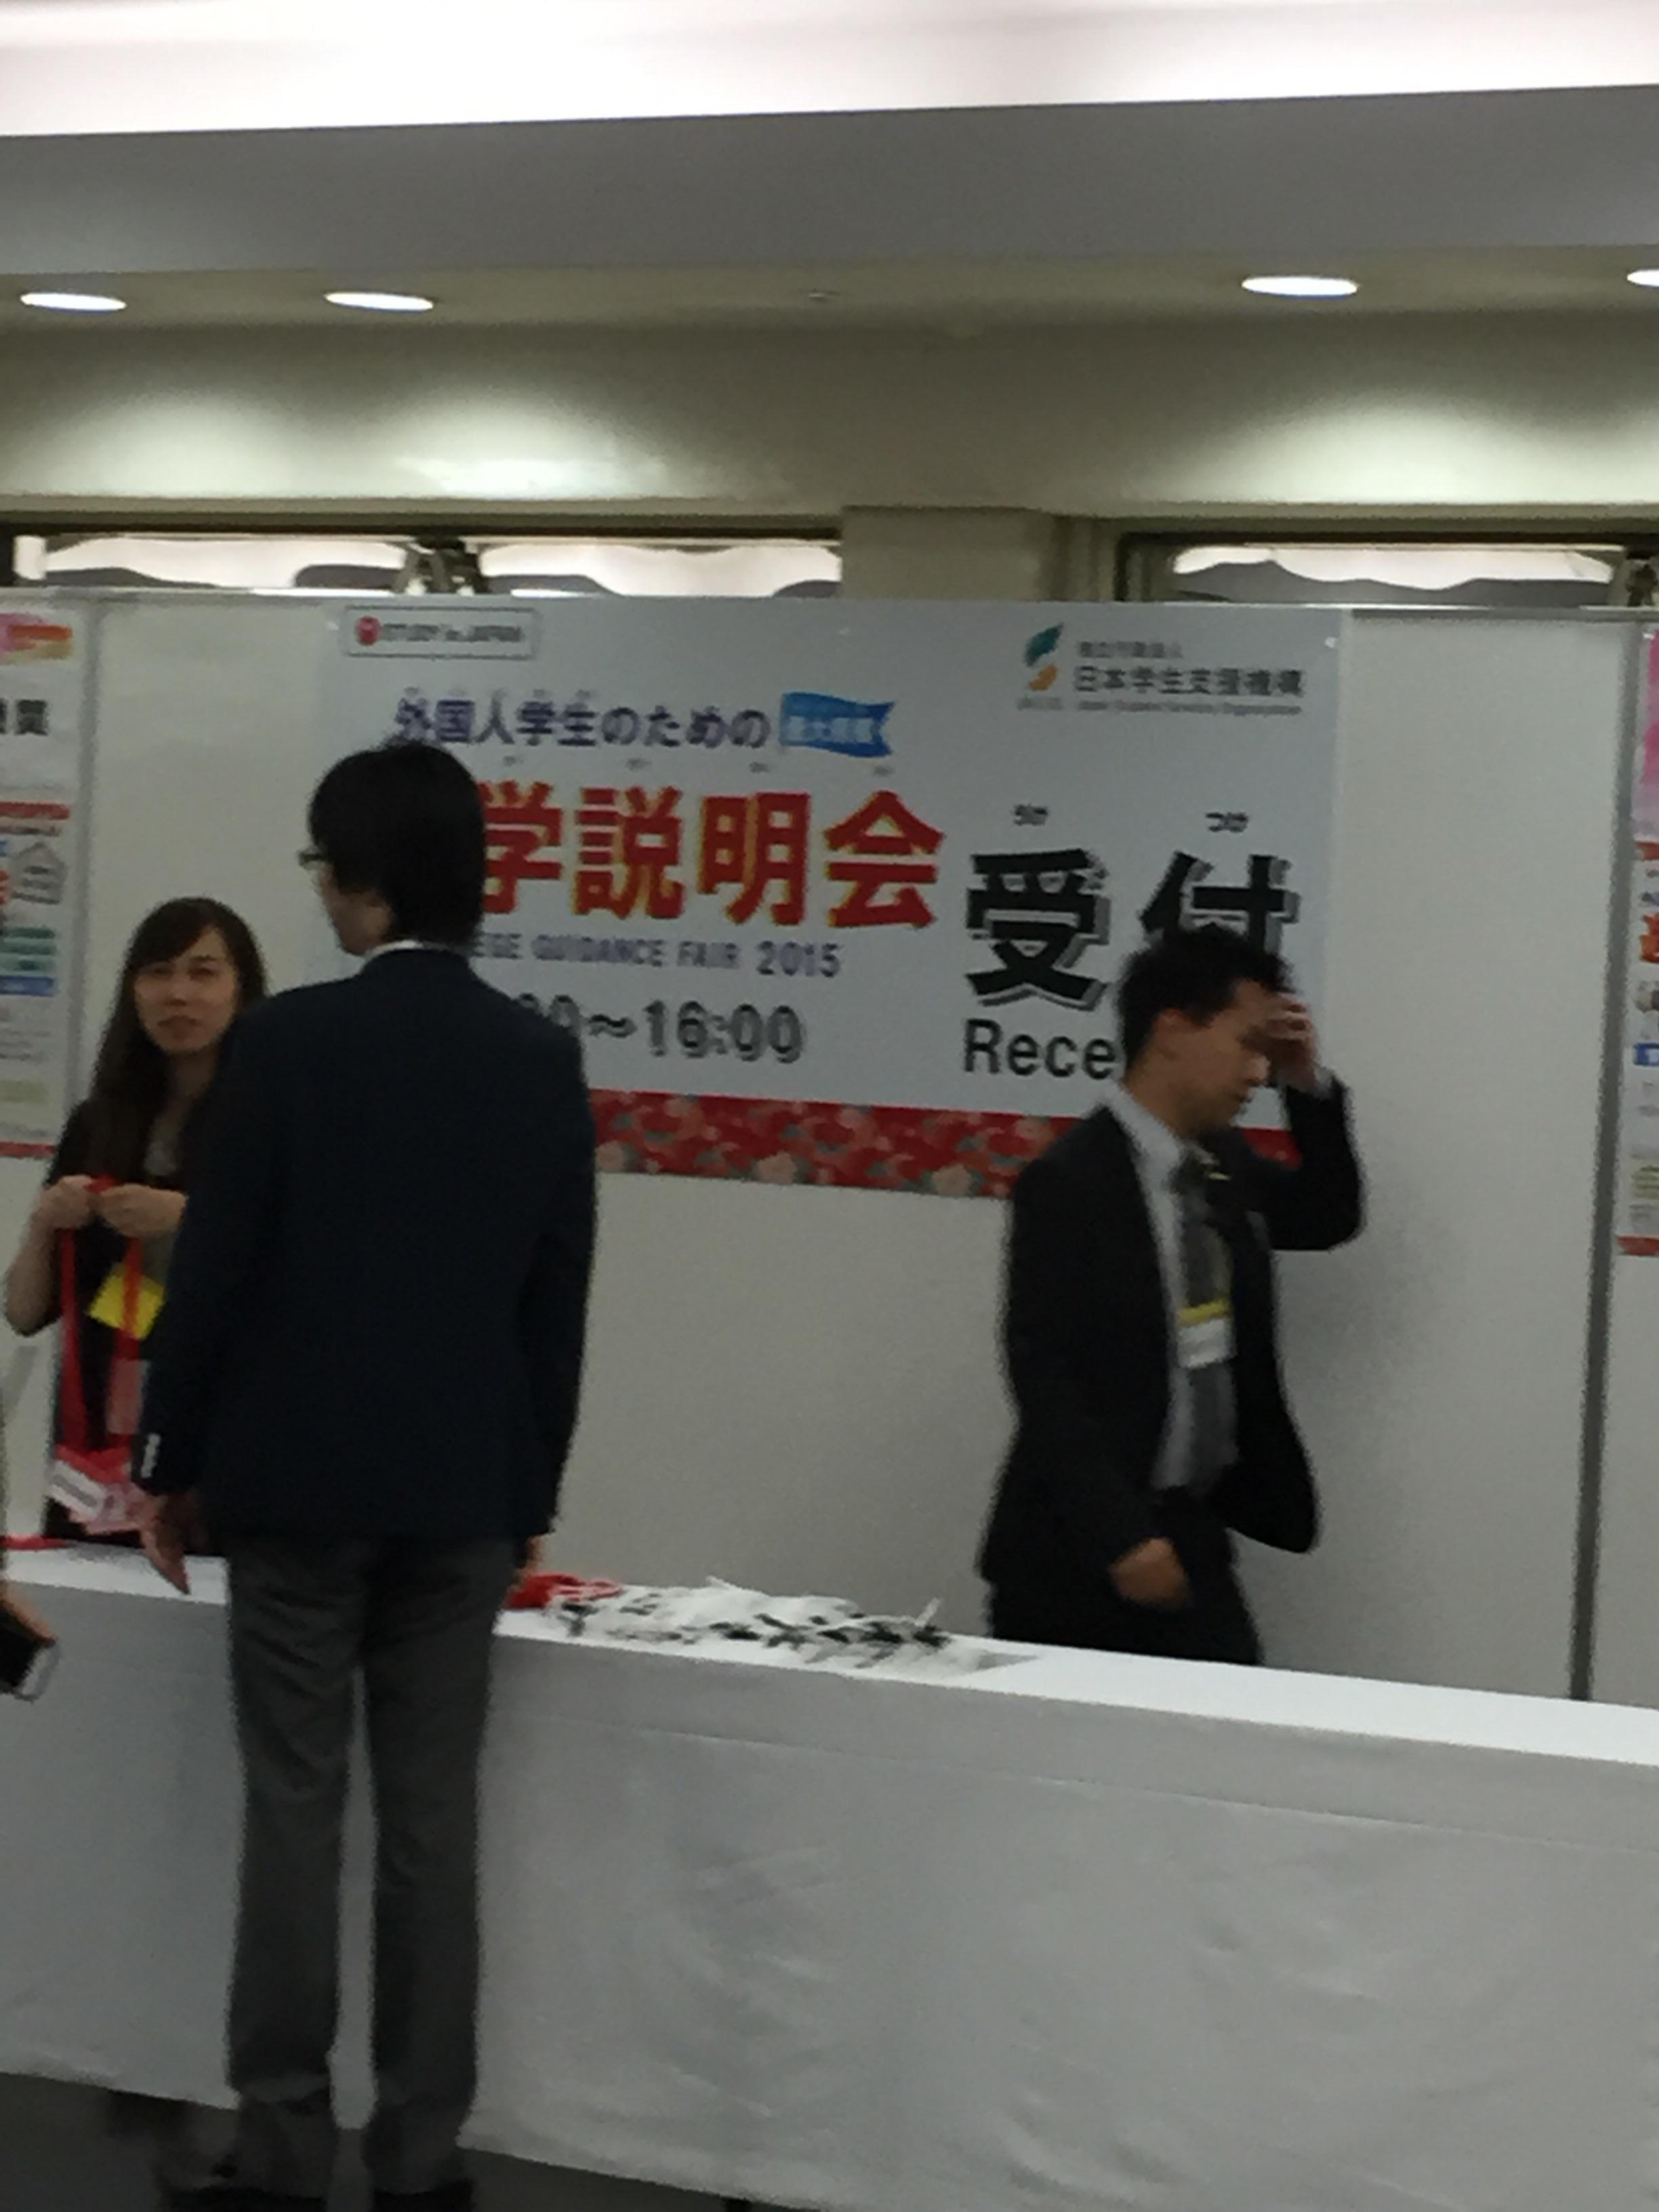 日本留学フェア出展